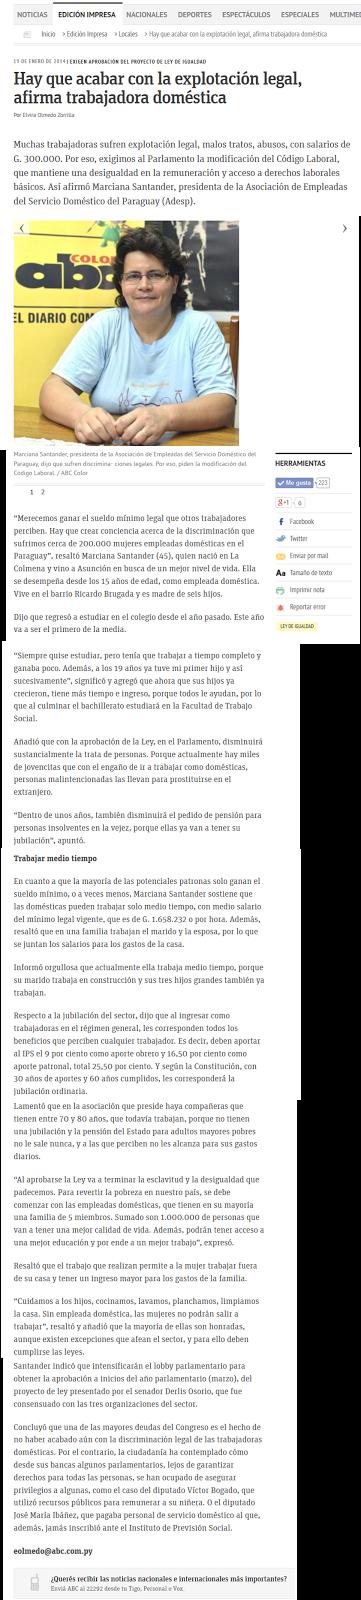 http://www.abc.com.py/edicion-impresa/locales/hay-que-acabar-con-la-explotacion-legal-afirma-trabajadora-domestica-1206811.html